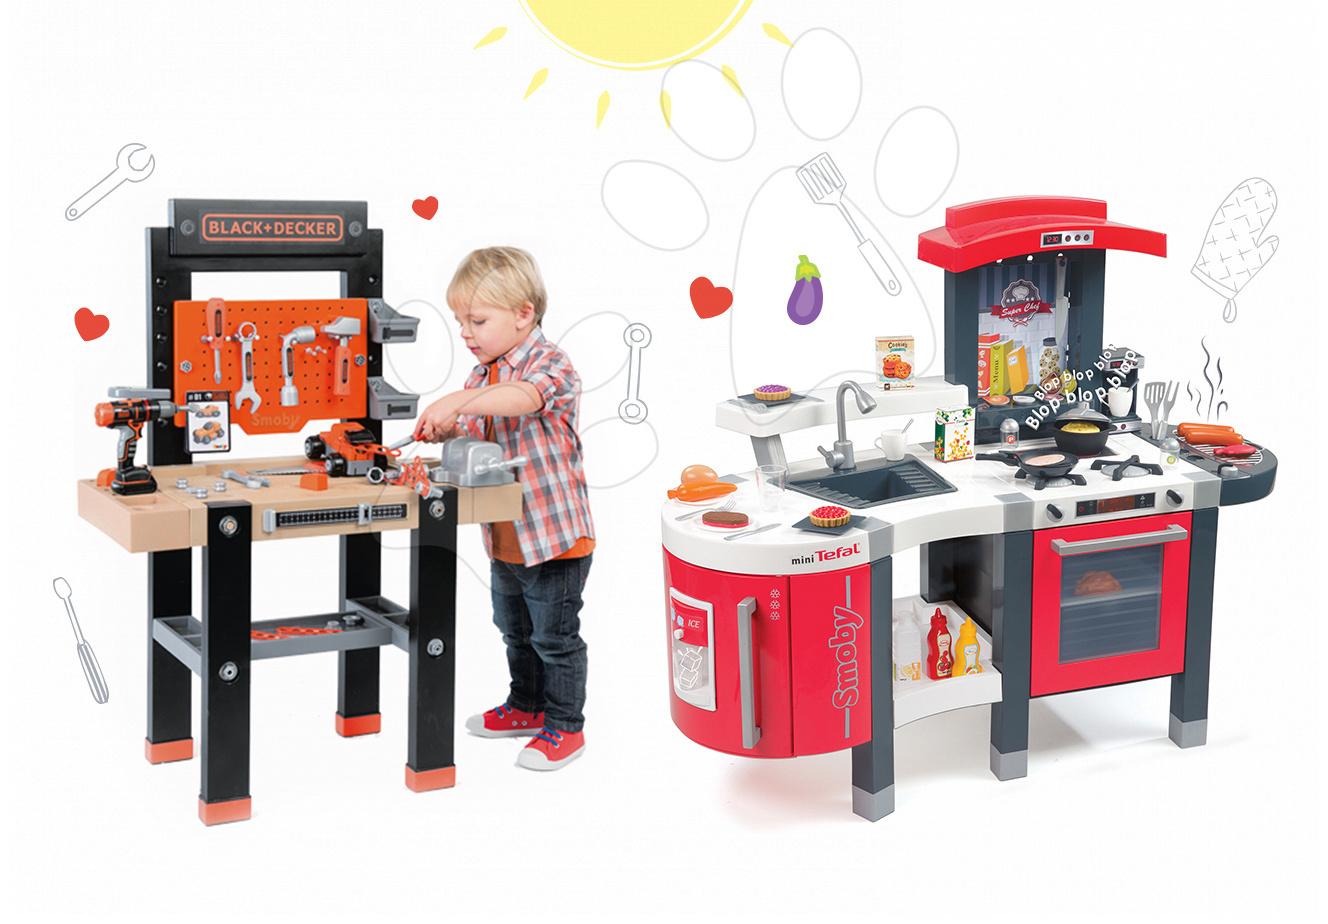 Set dětská kuchyňka Tefal SuperChef Smoby s grilem a kávovarem a pracovní dílna s vrtačkou Black+Decker